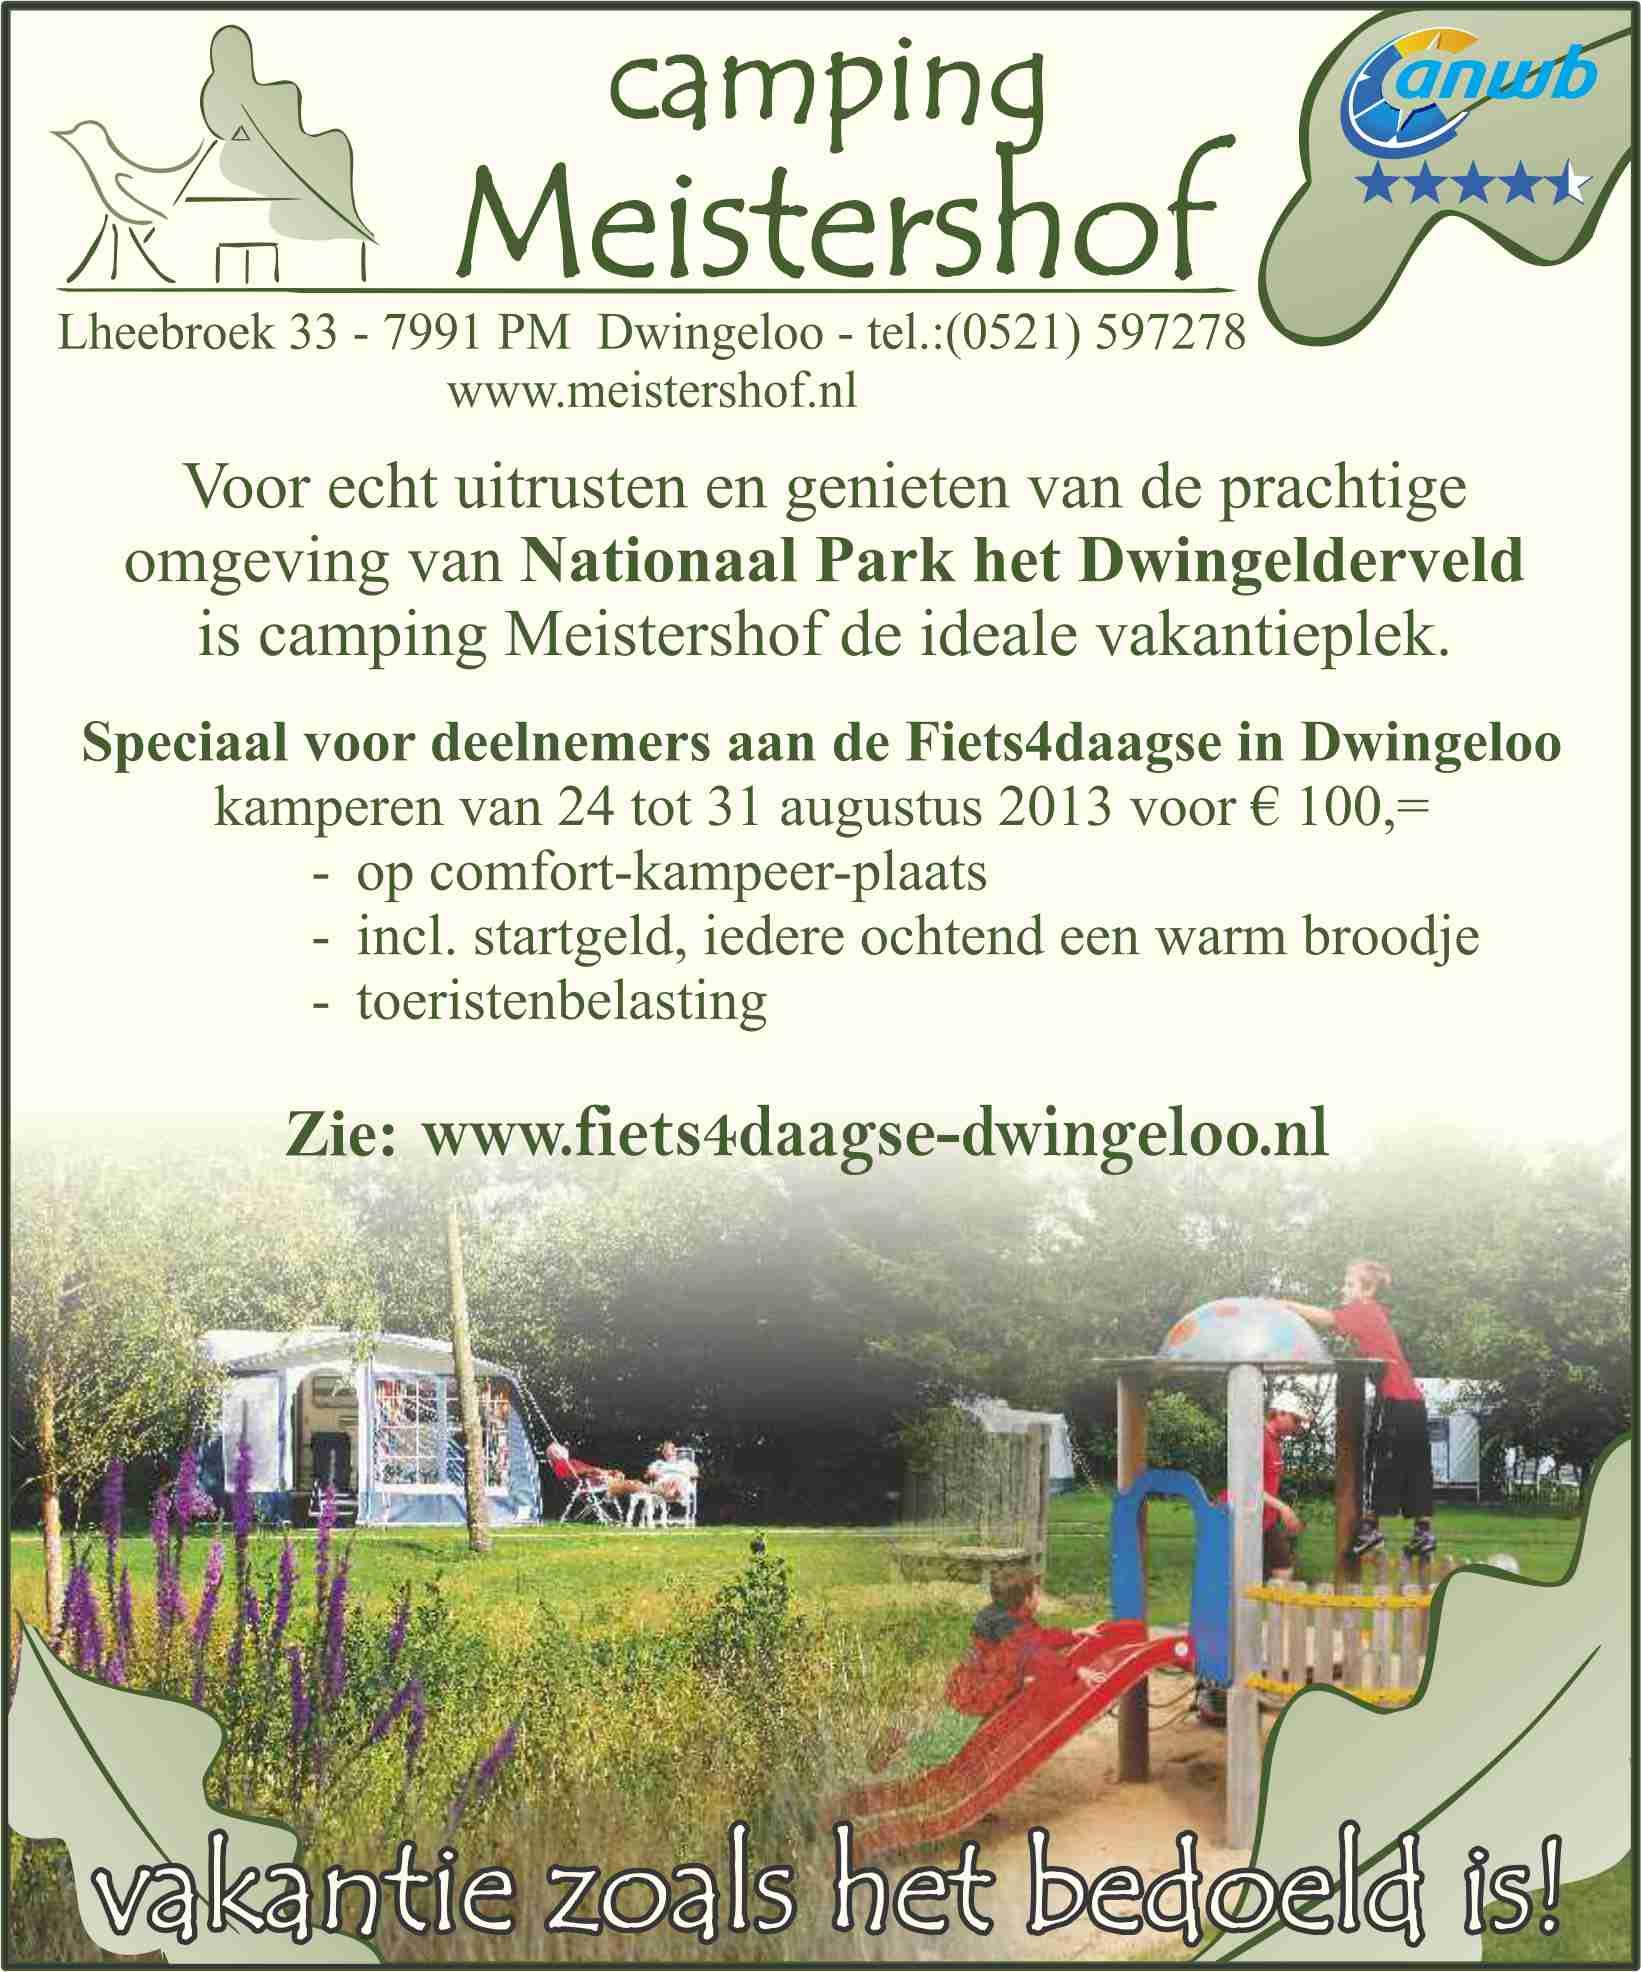 Restaurant Cafe Onder De Eiken Dwingeloo